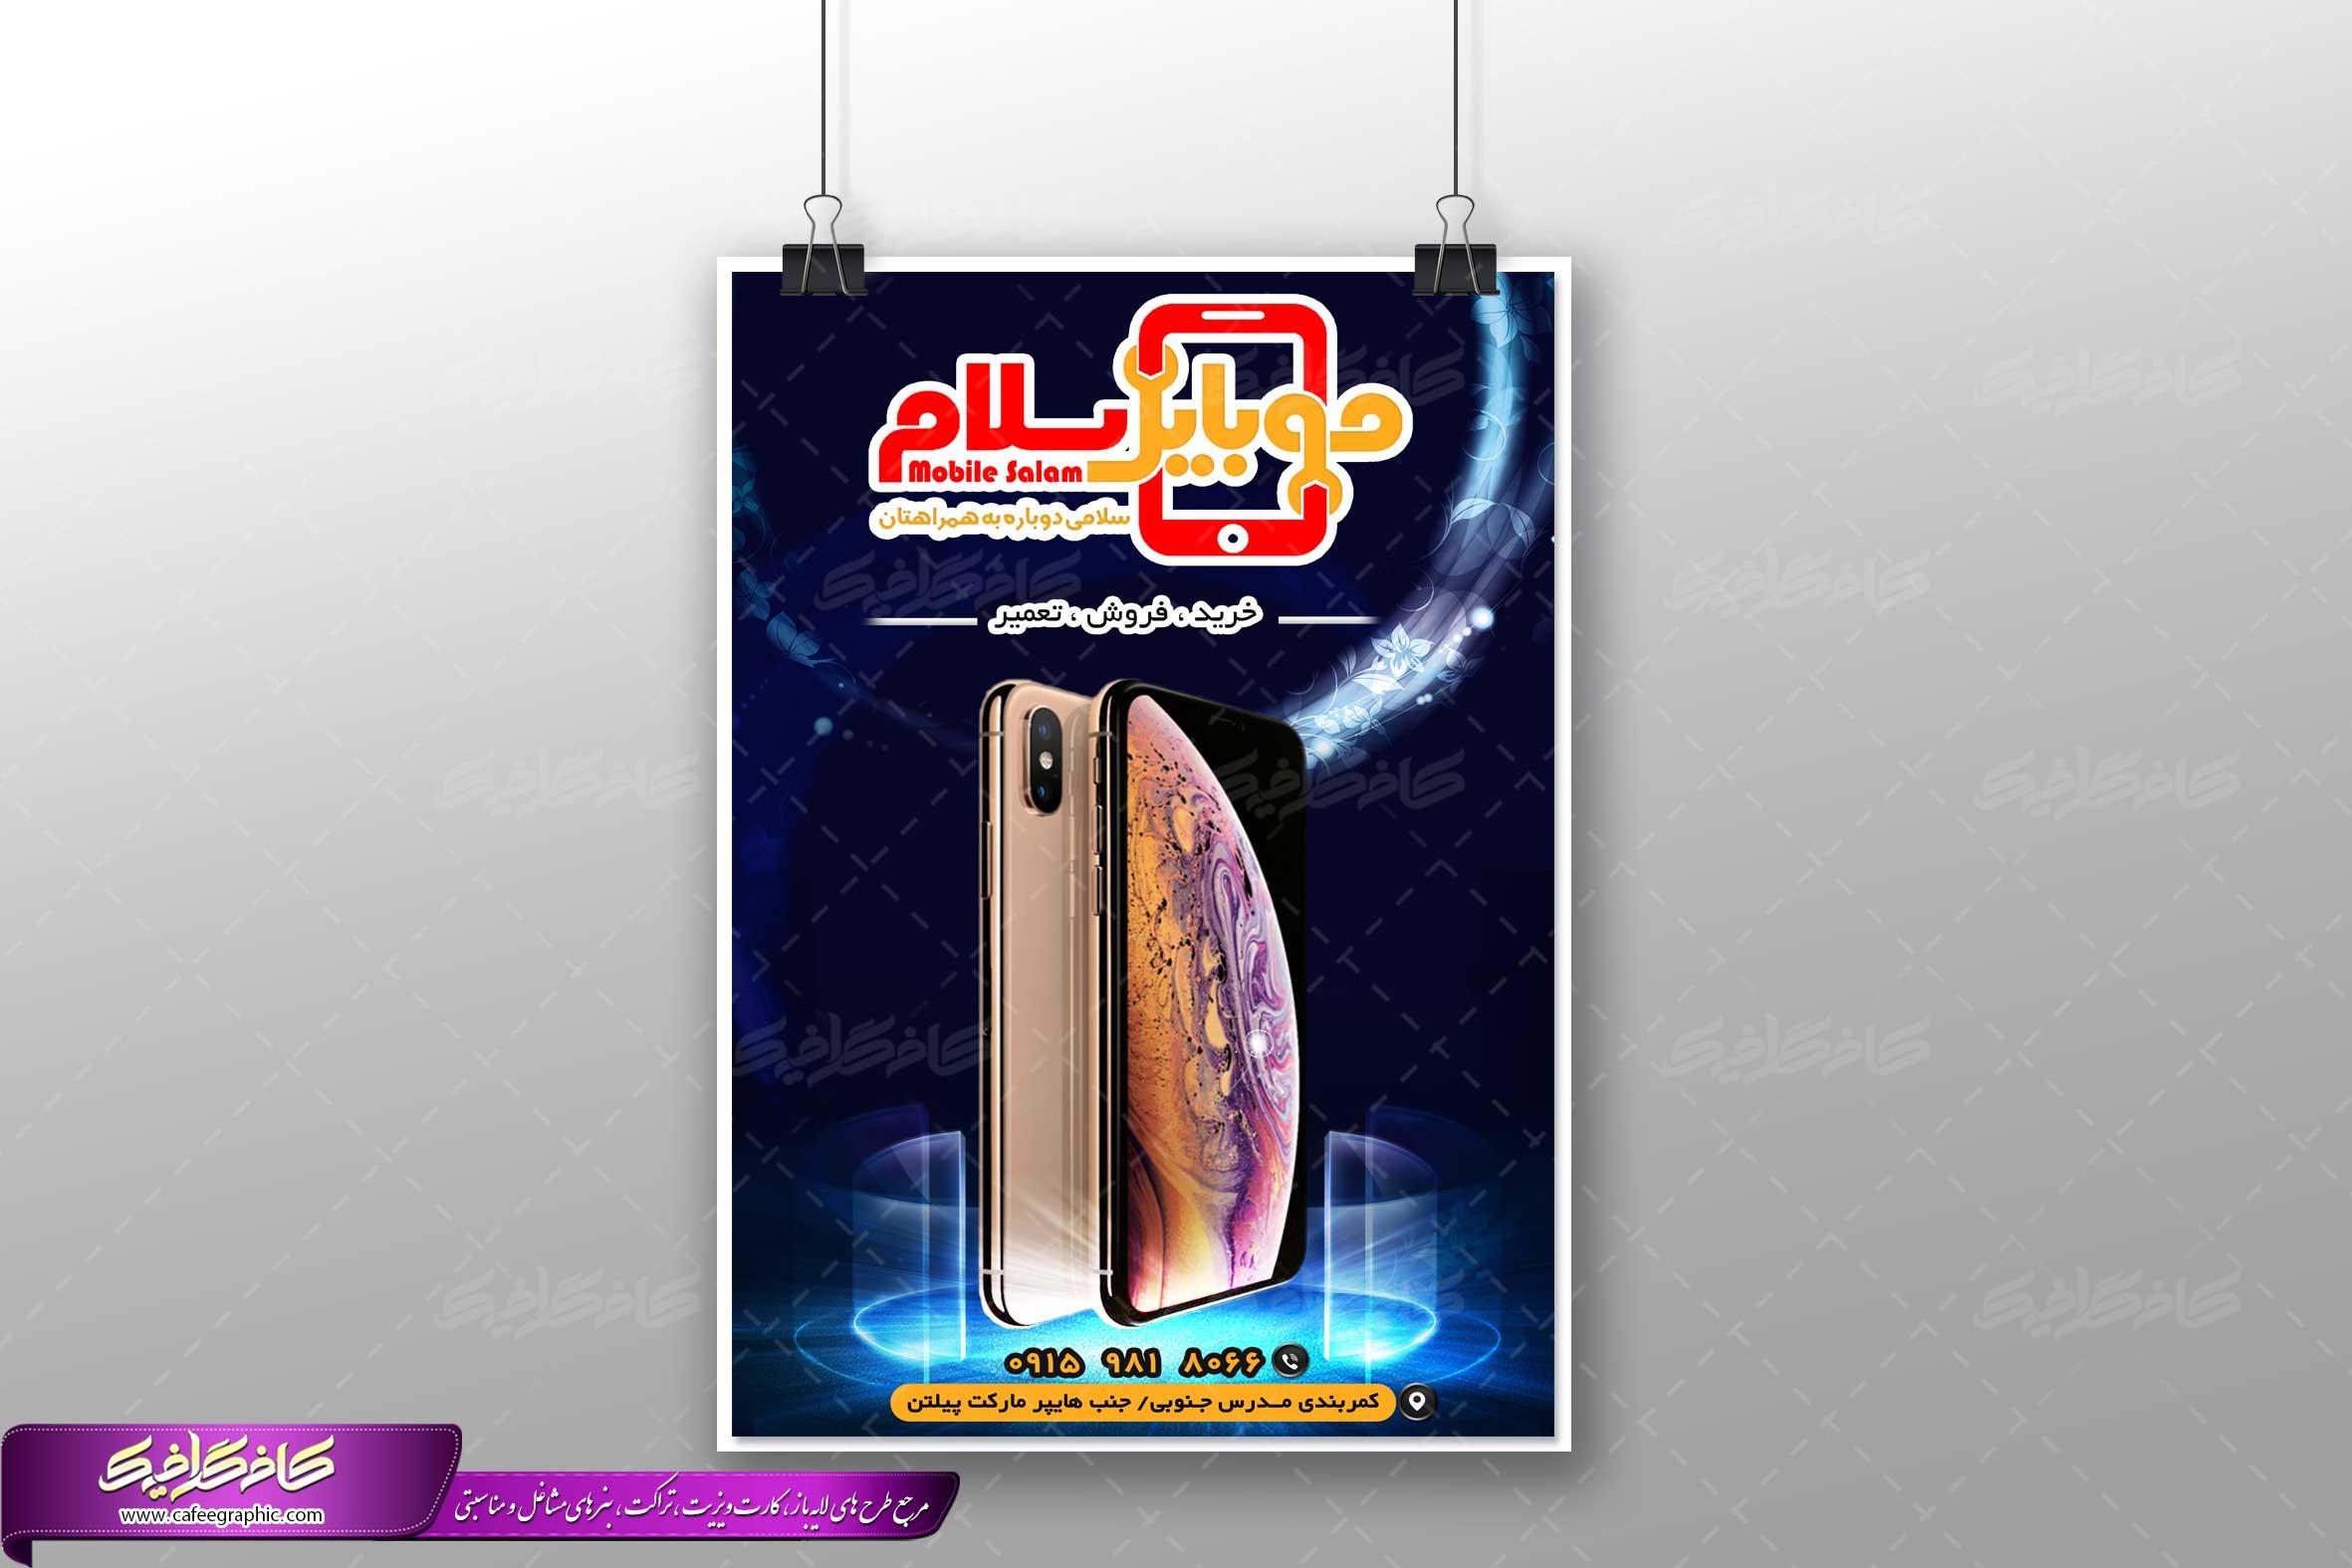 تراکت فروشگاه موبایل و تلفن همراه